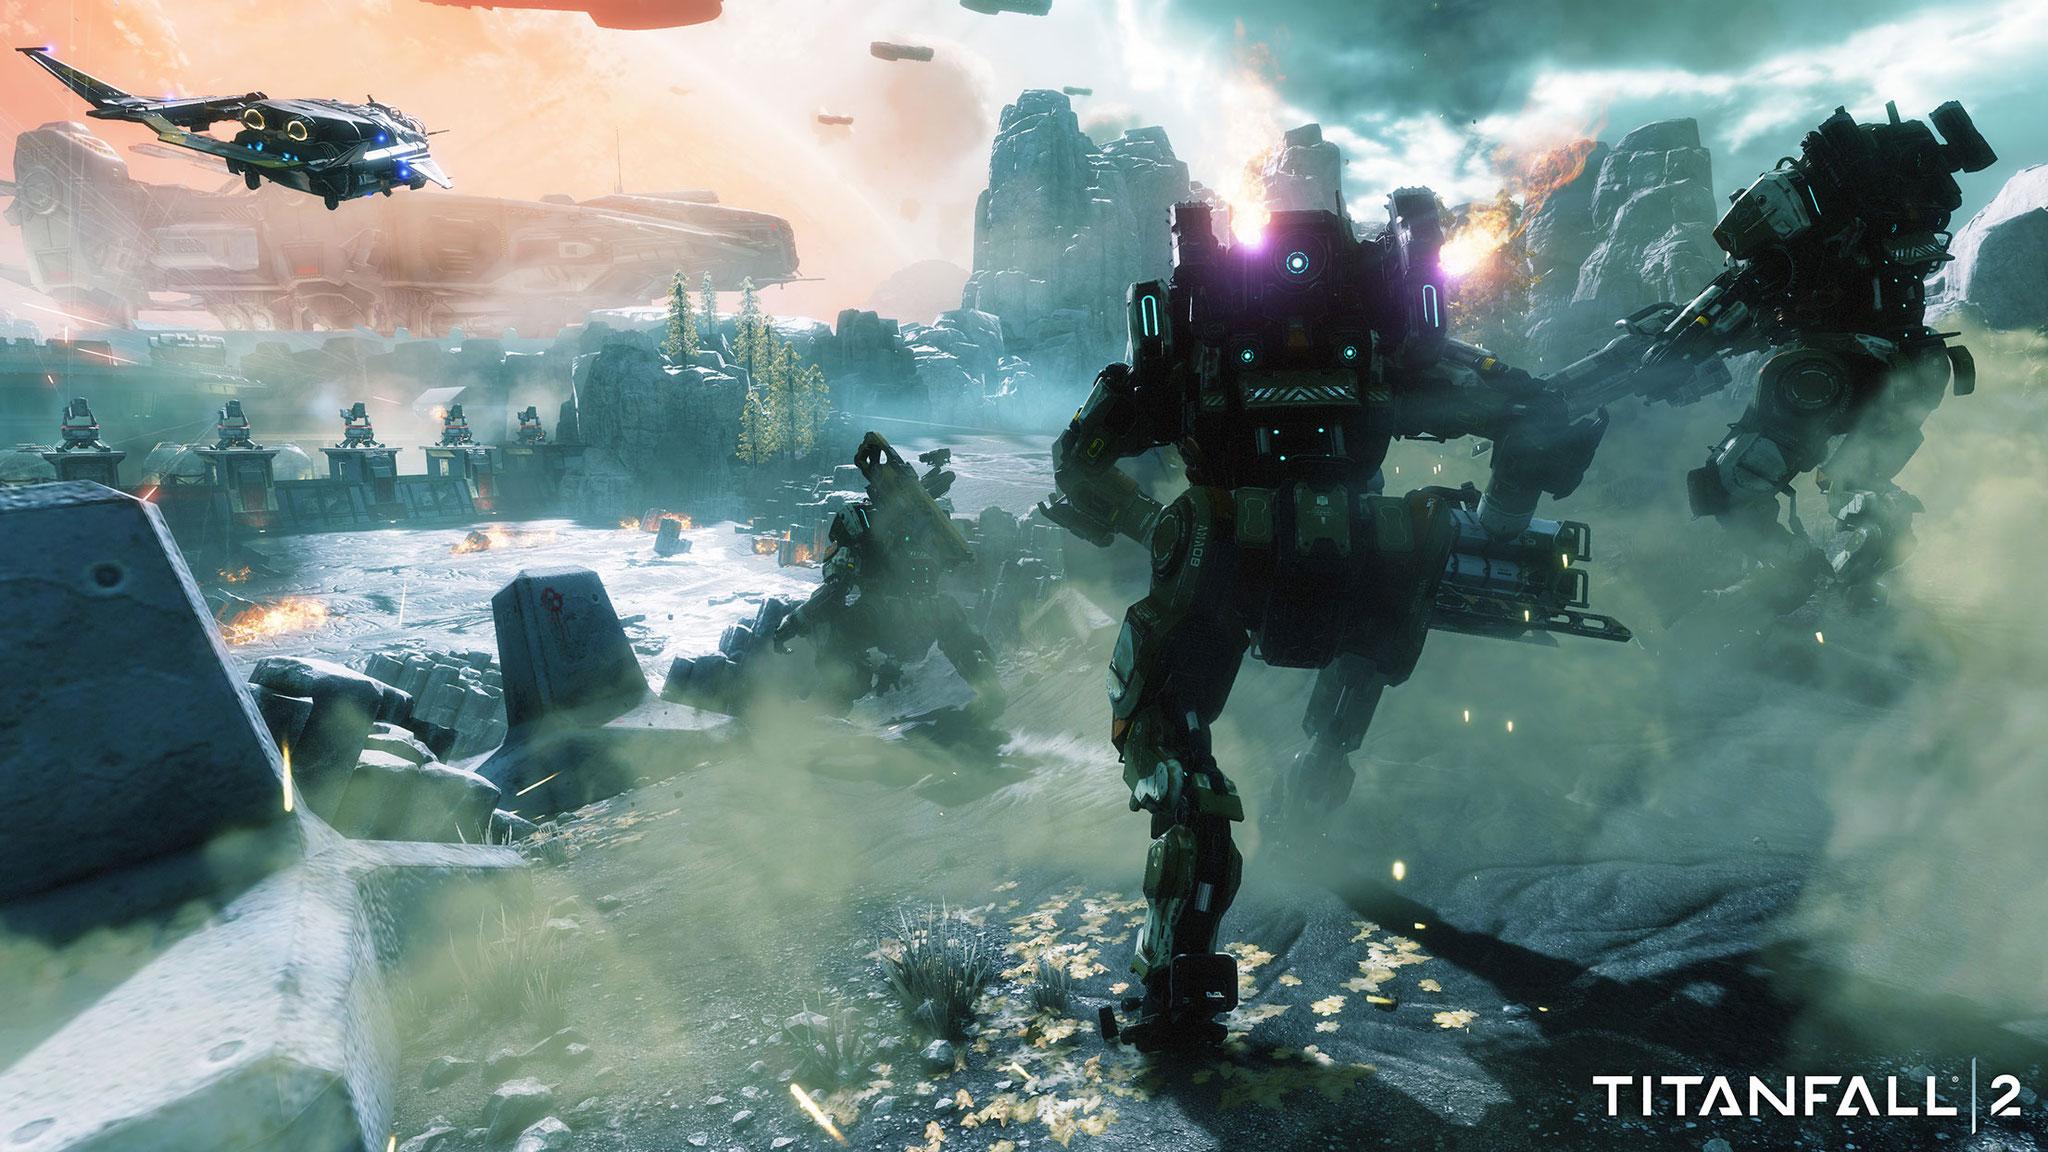 """Jetzt auch mit Story und Singleplayer-Kampagne: """"Titanfall 2"""" verfeinert nicht nur den Multiplayer-Modus – es führt vor allem Respawns interessantes Hintergrund-Universum aus. (28.10. für PS4, XBO, PC)"""